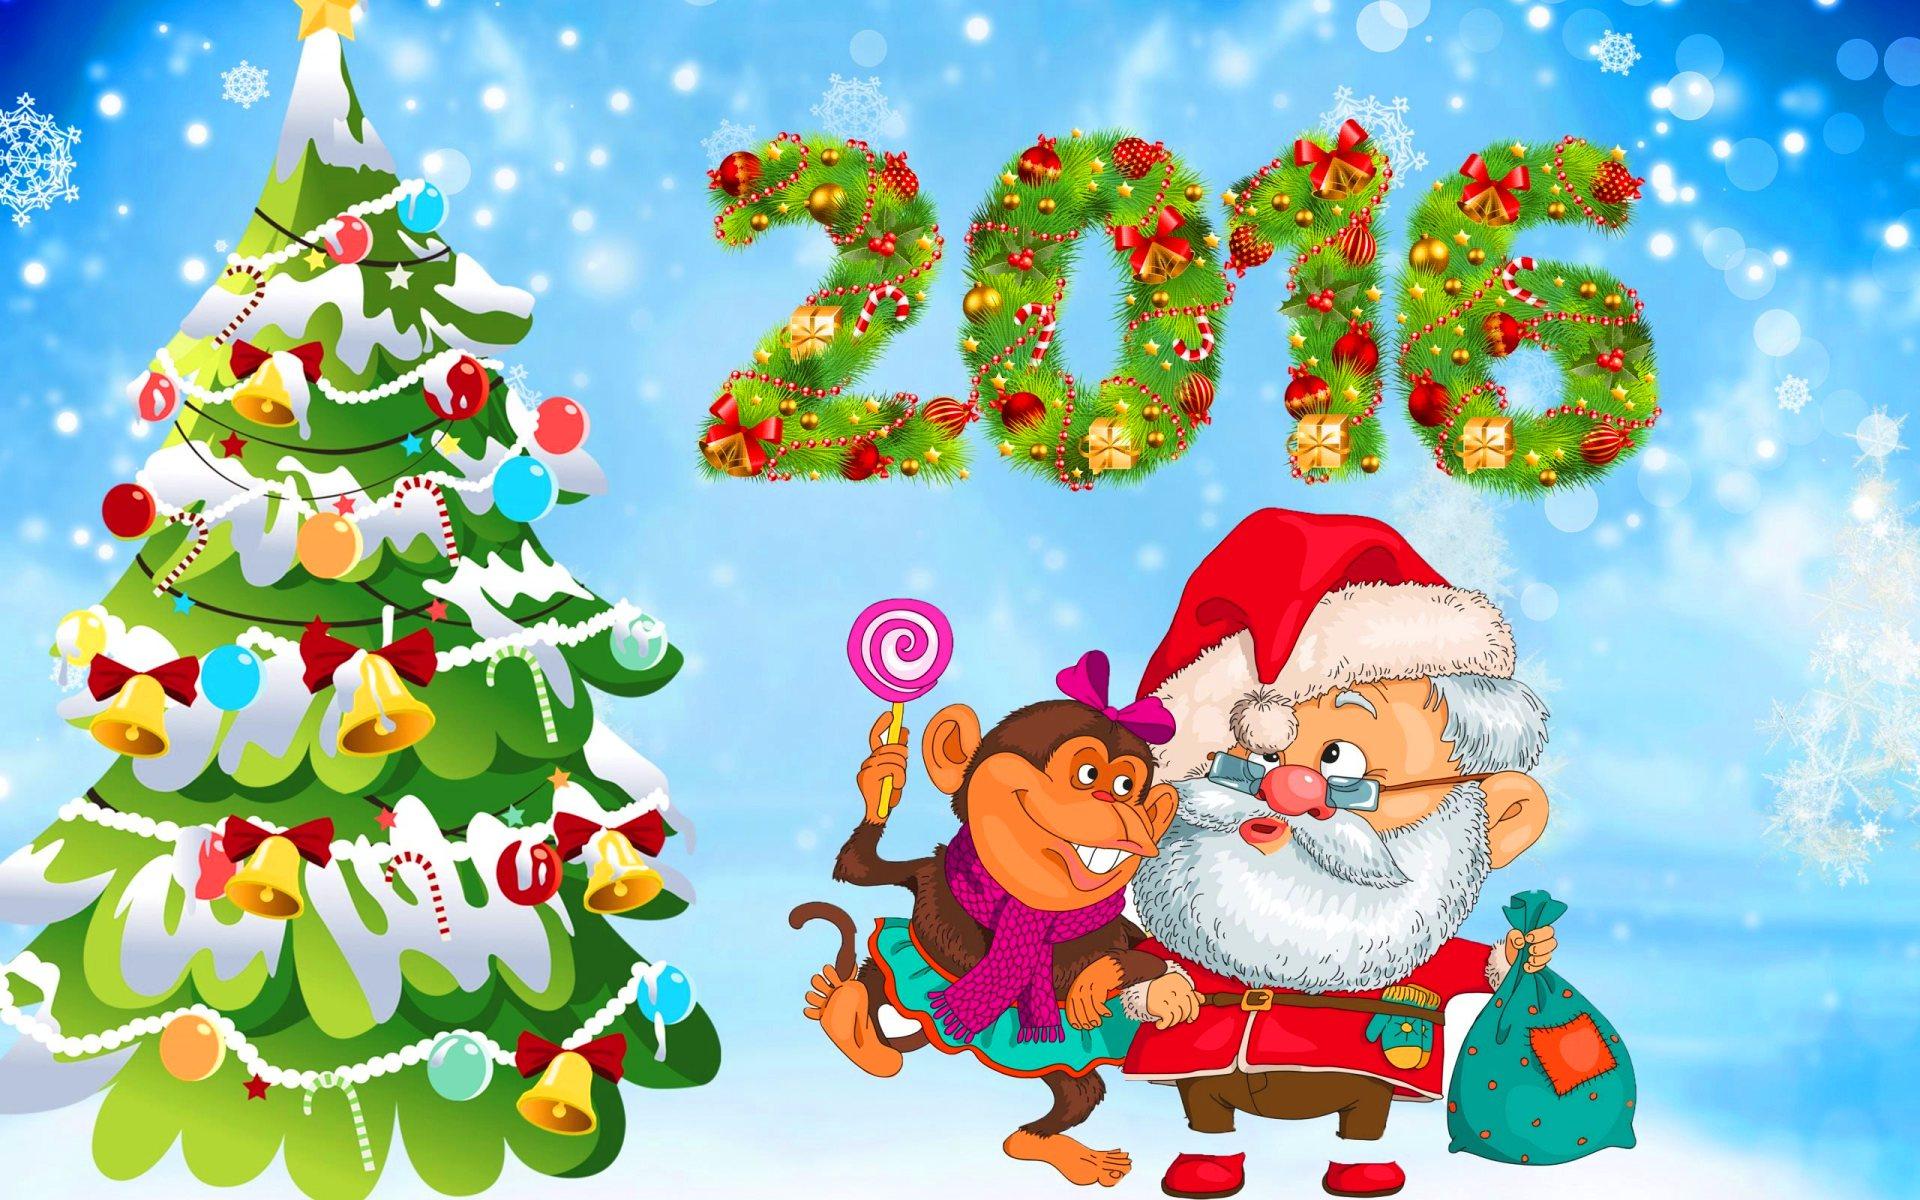 Картинка 2016 года - C наступающим новым годом 2020 поздравительные картинки